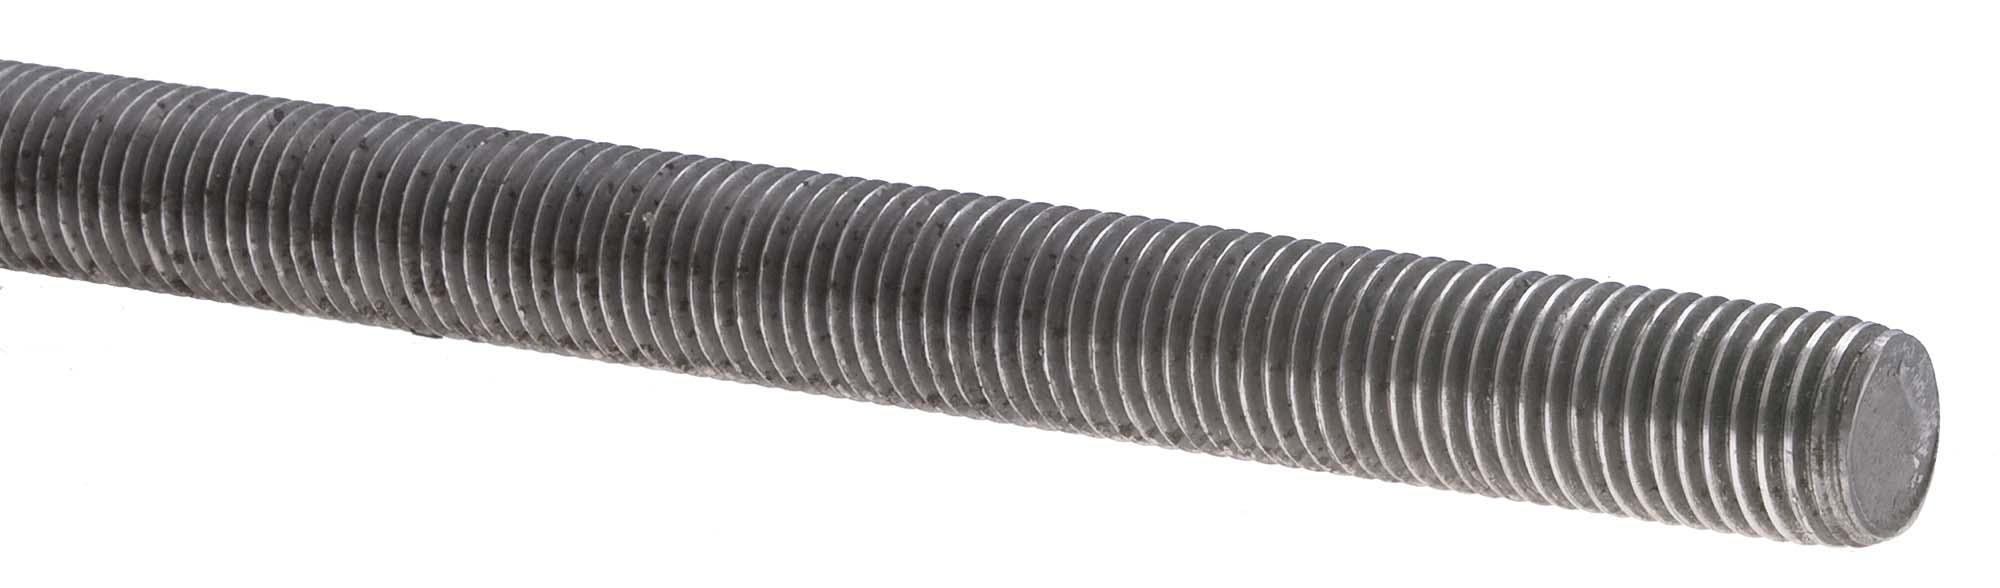 7/16-14 Threaded Rod